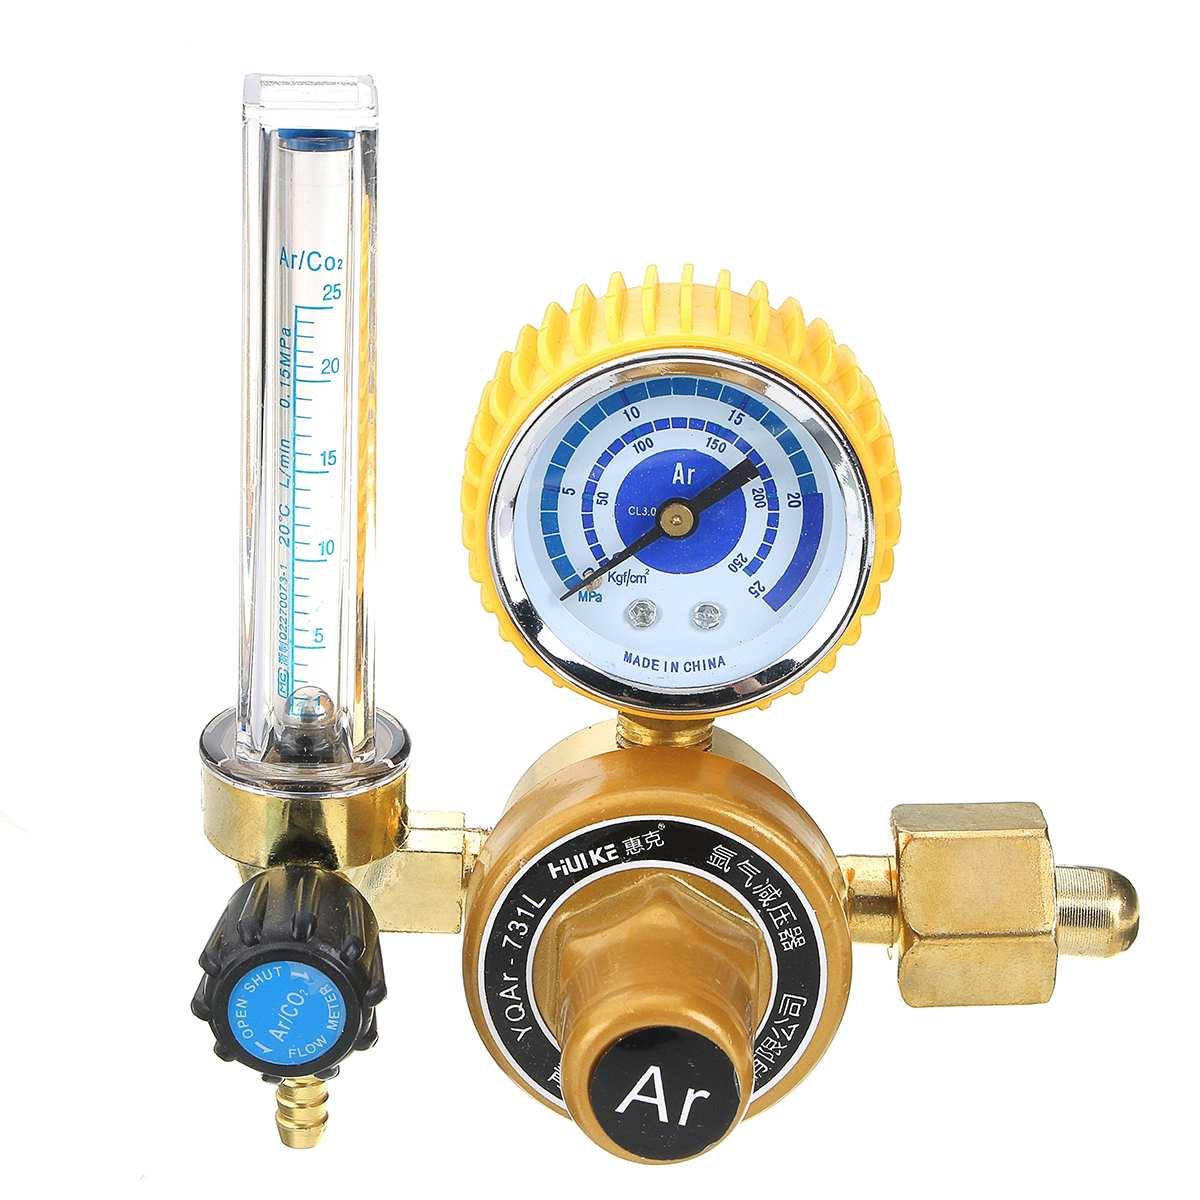 """G5/8 """"0-25Mpa аргоновый расходомер CO2 давление Регулятор газа-потока AR редуктор давления газовый расходомер аргоновый регулятор давления"""